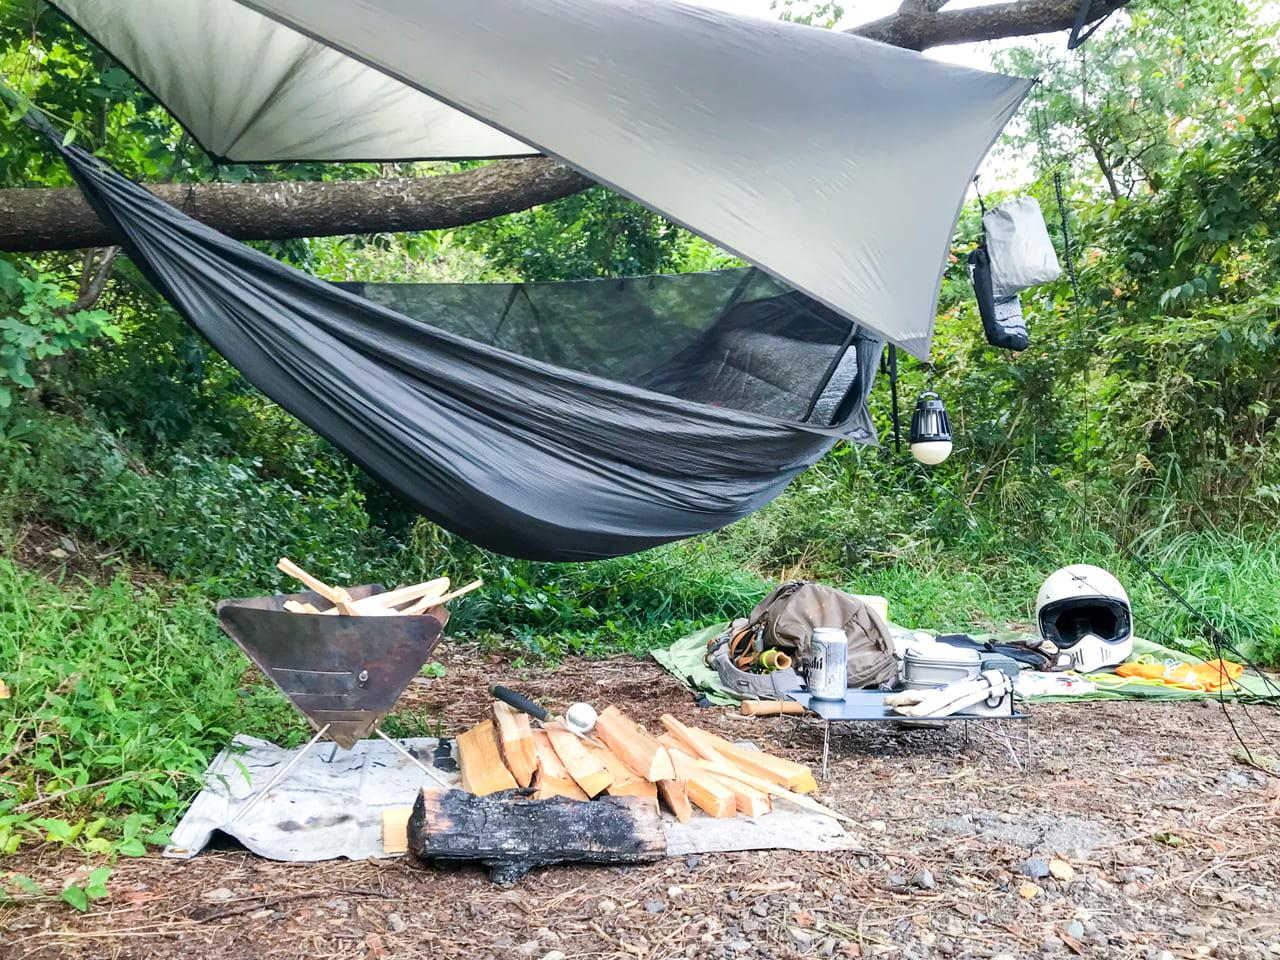 /キャンプ場で張ったヘネシーハンモックハイパーライト